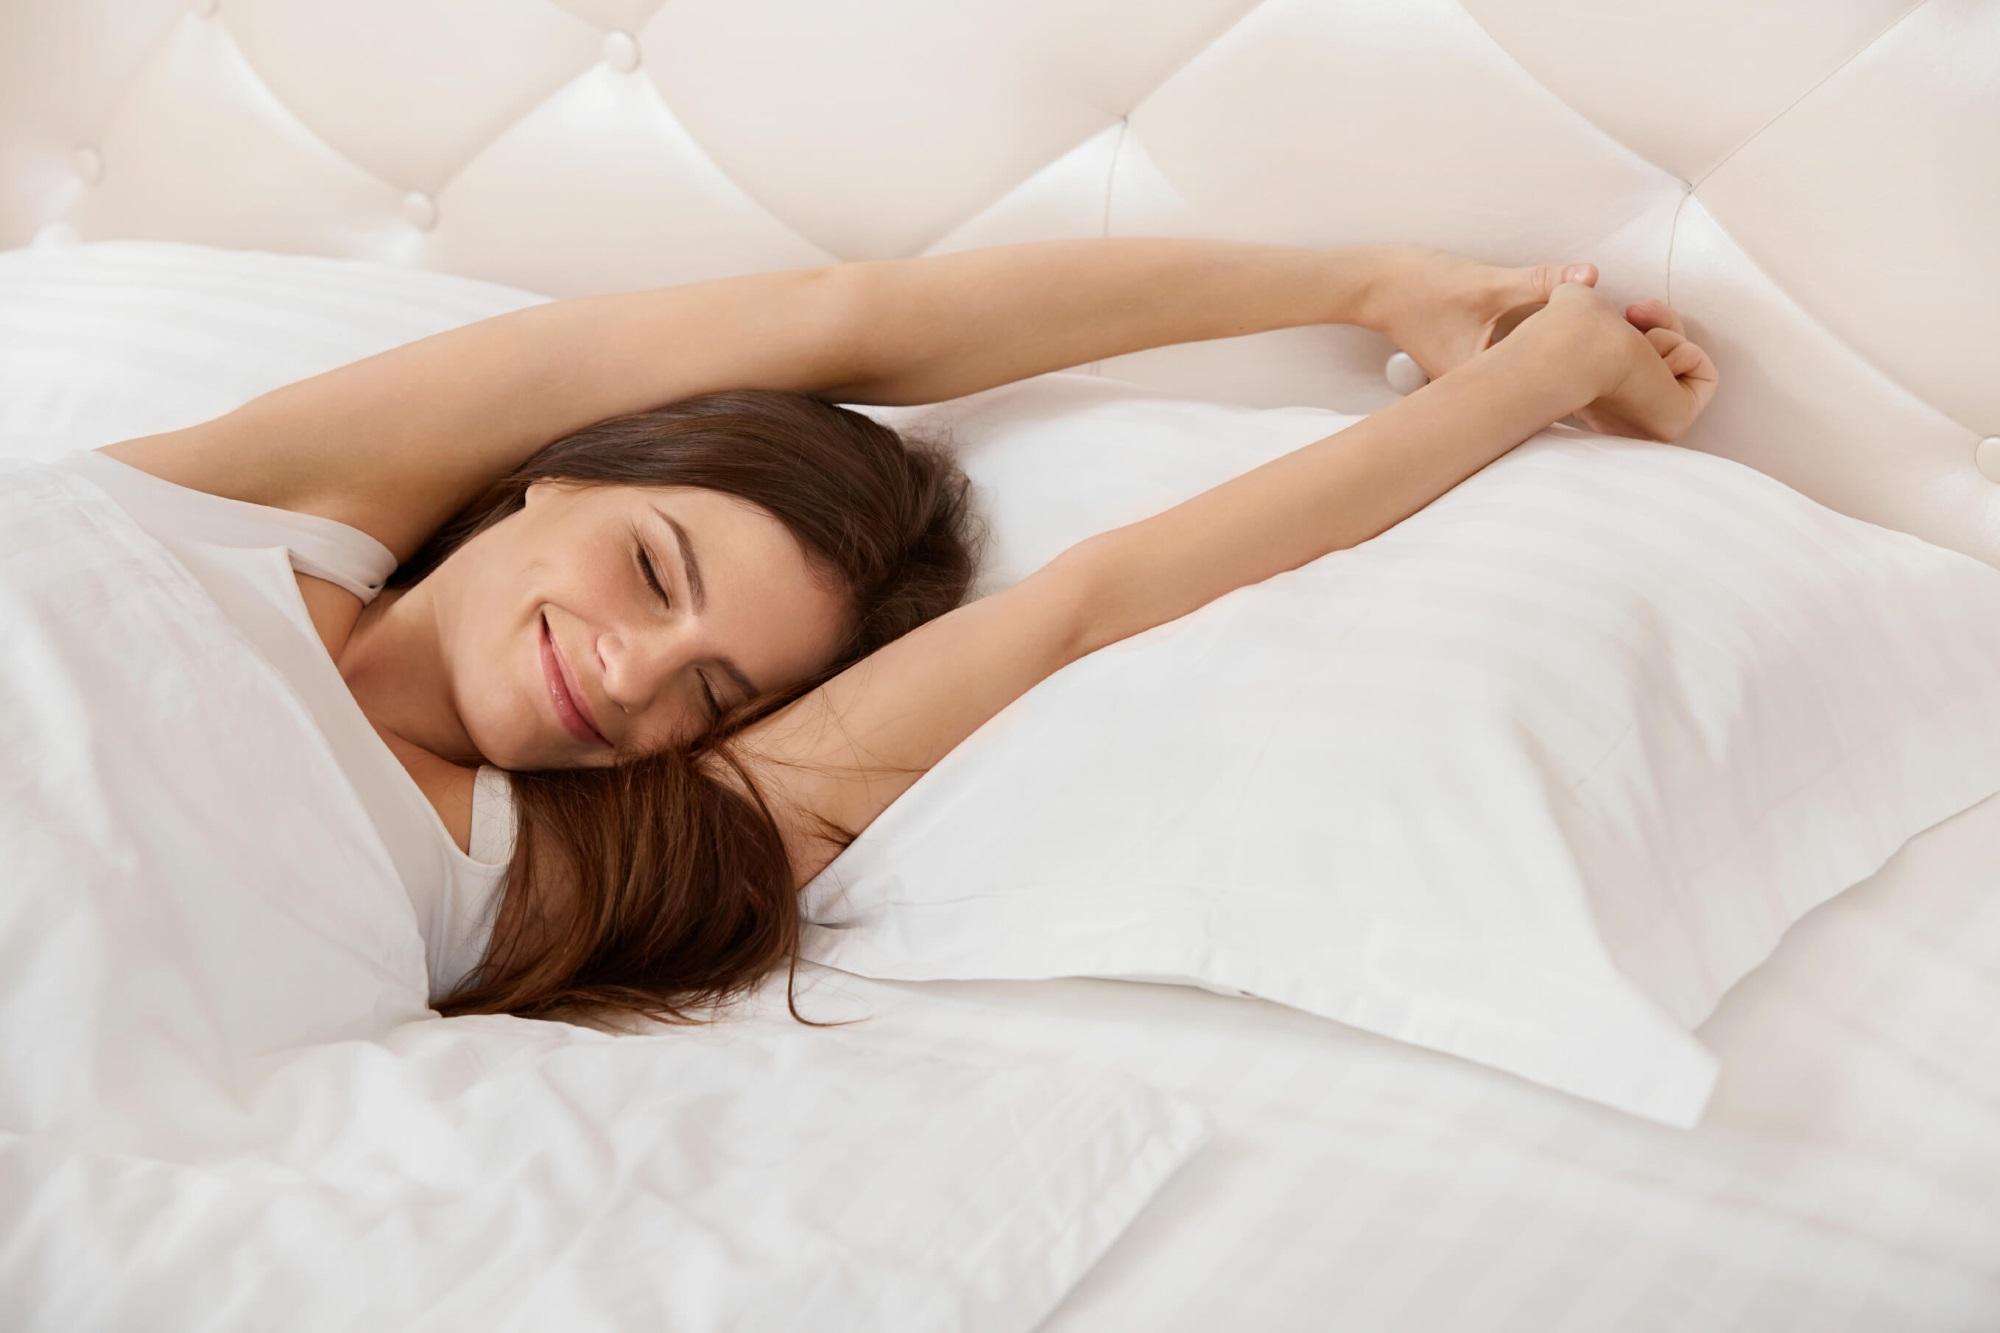 Phụ nữ có 5 thói quen này mỗi ngày, đến 30 tuổi làn da vẫn săn chắc, vóc dáng không chảy xệ - Ảnh 4